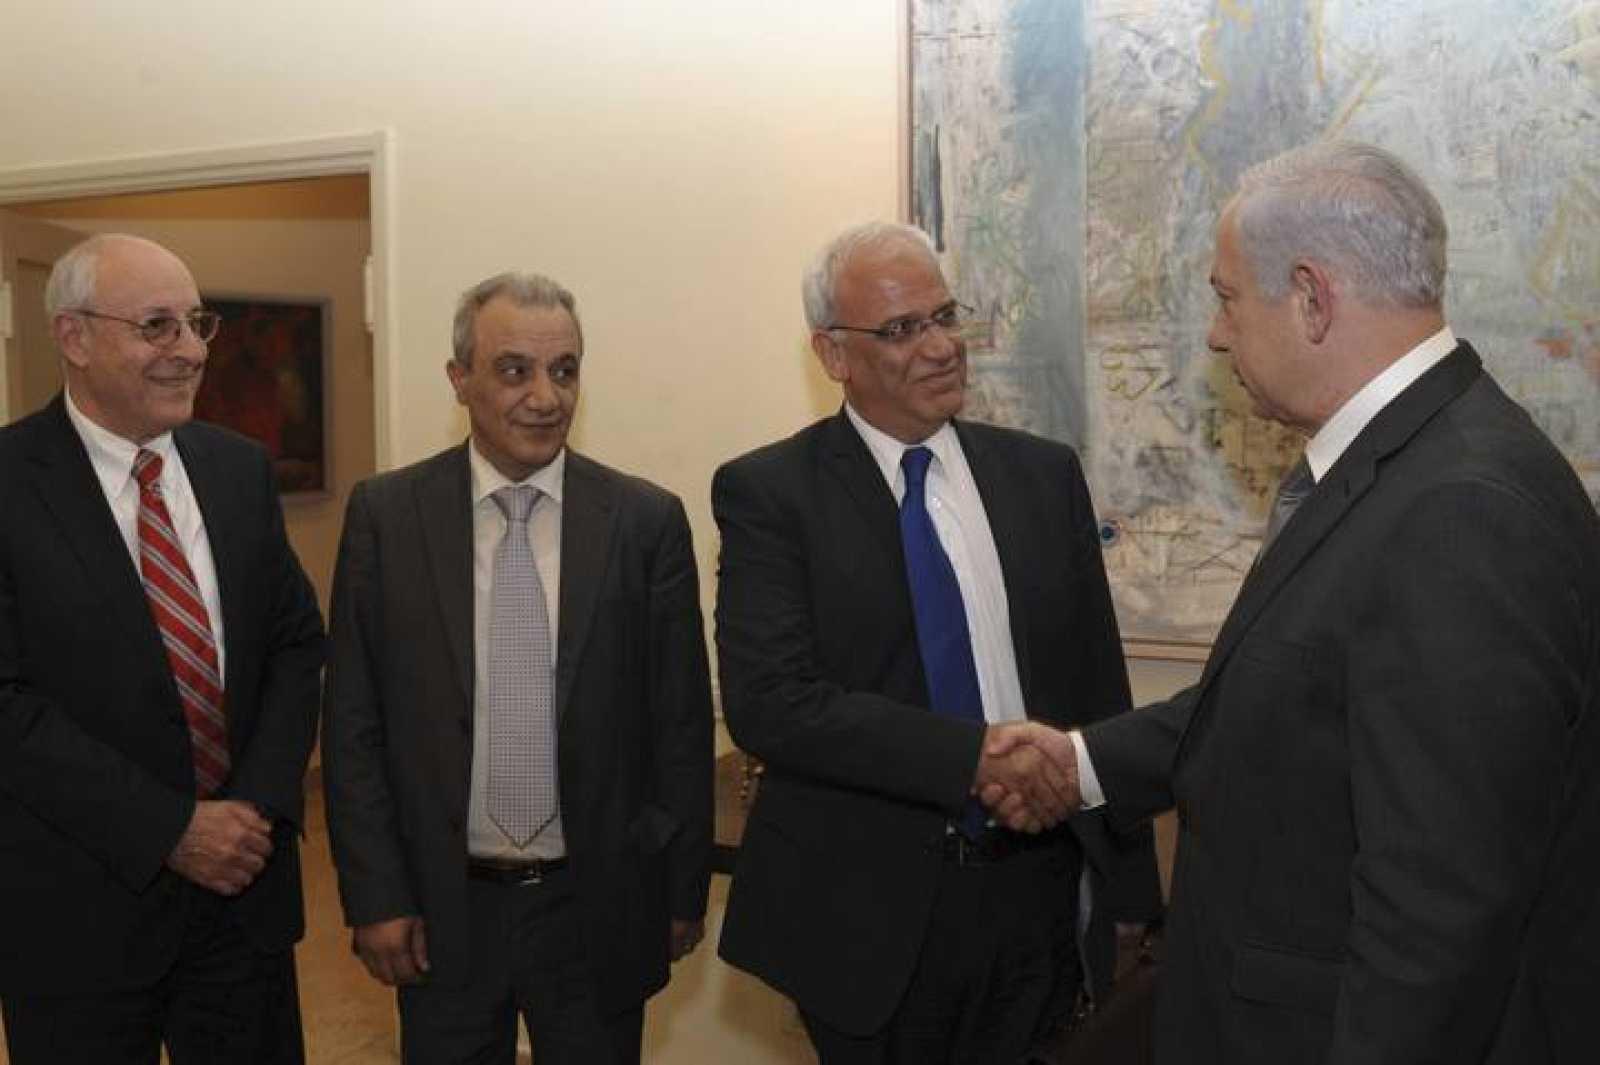 El primer ministro israelí, Benjamín Netanyahu, recibe al jefe negociador palestino, Saeb Erekat, y al resto de la delegación de la ANP